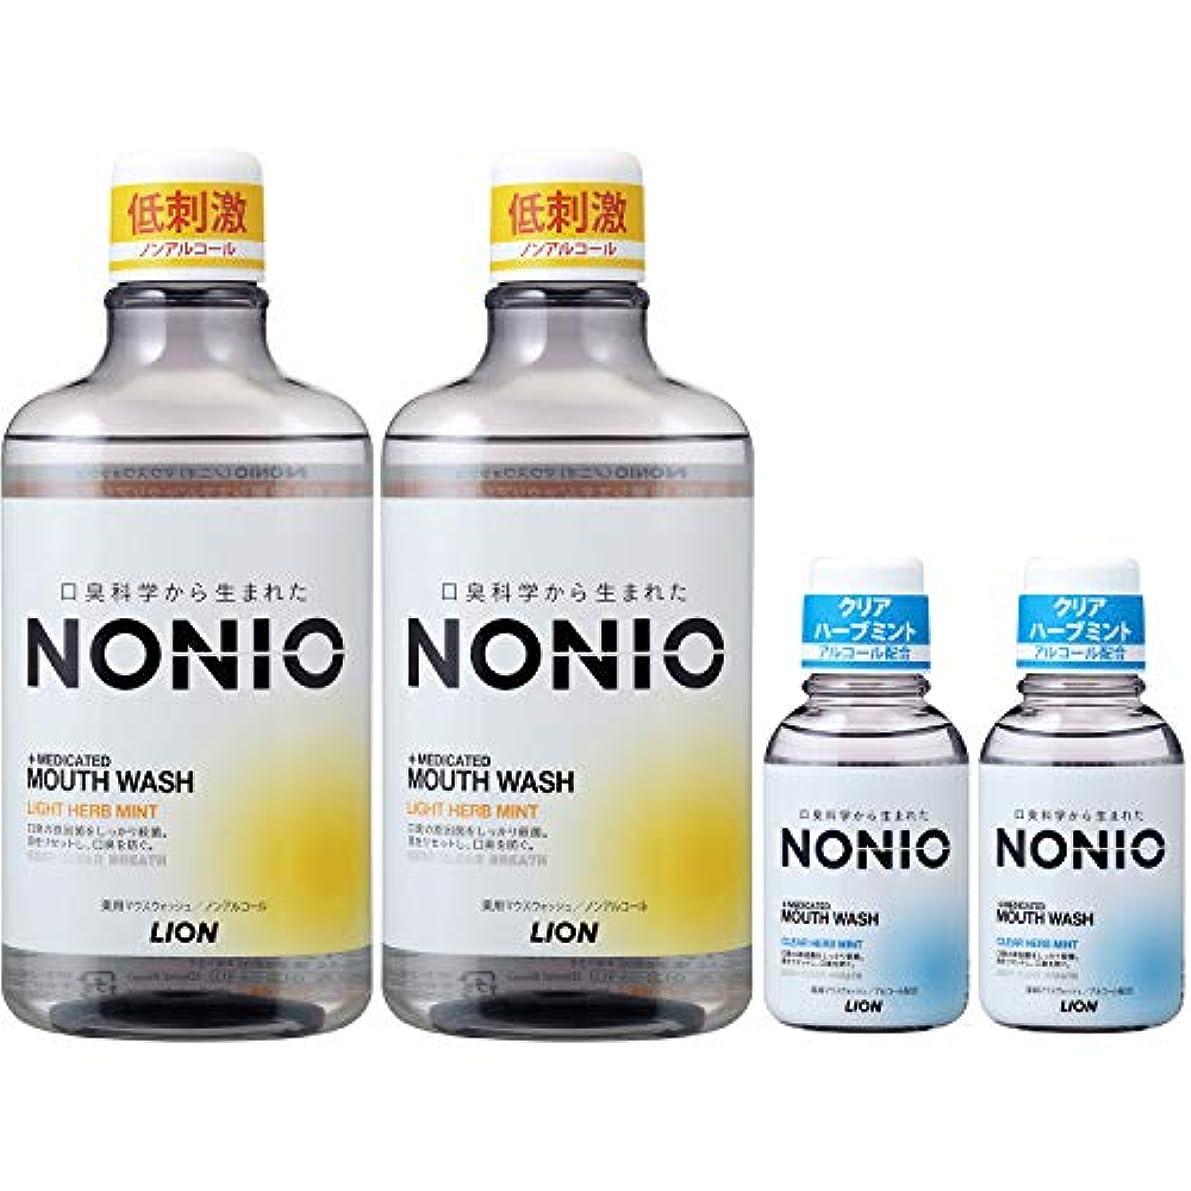 多数の接続されたキャッシュ[医薬部外品]NONIO マウスウォッシュ ノンアルコール ライトハーブミント 600ml×2個 洗口液+ミニリンス80ml×2個